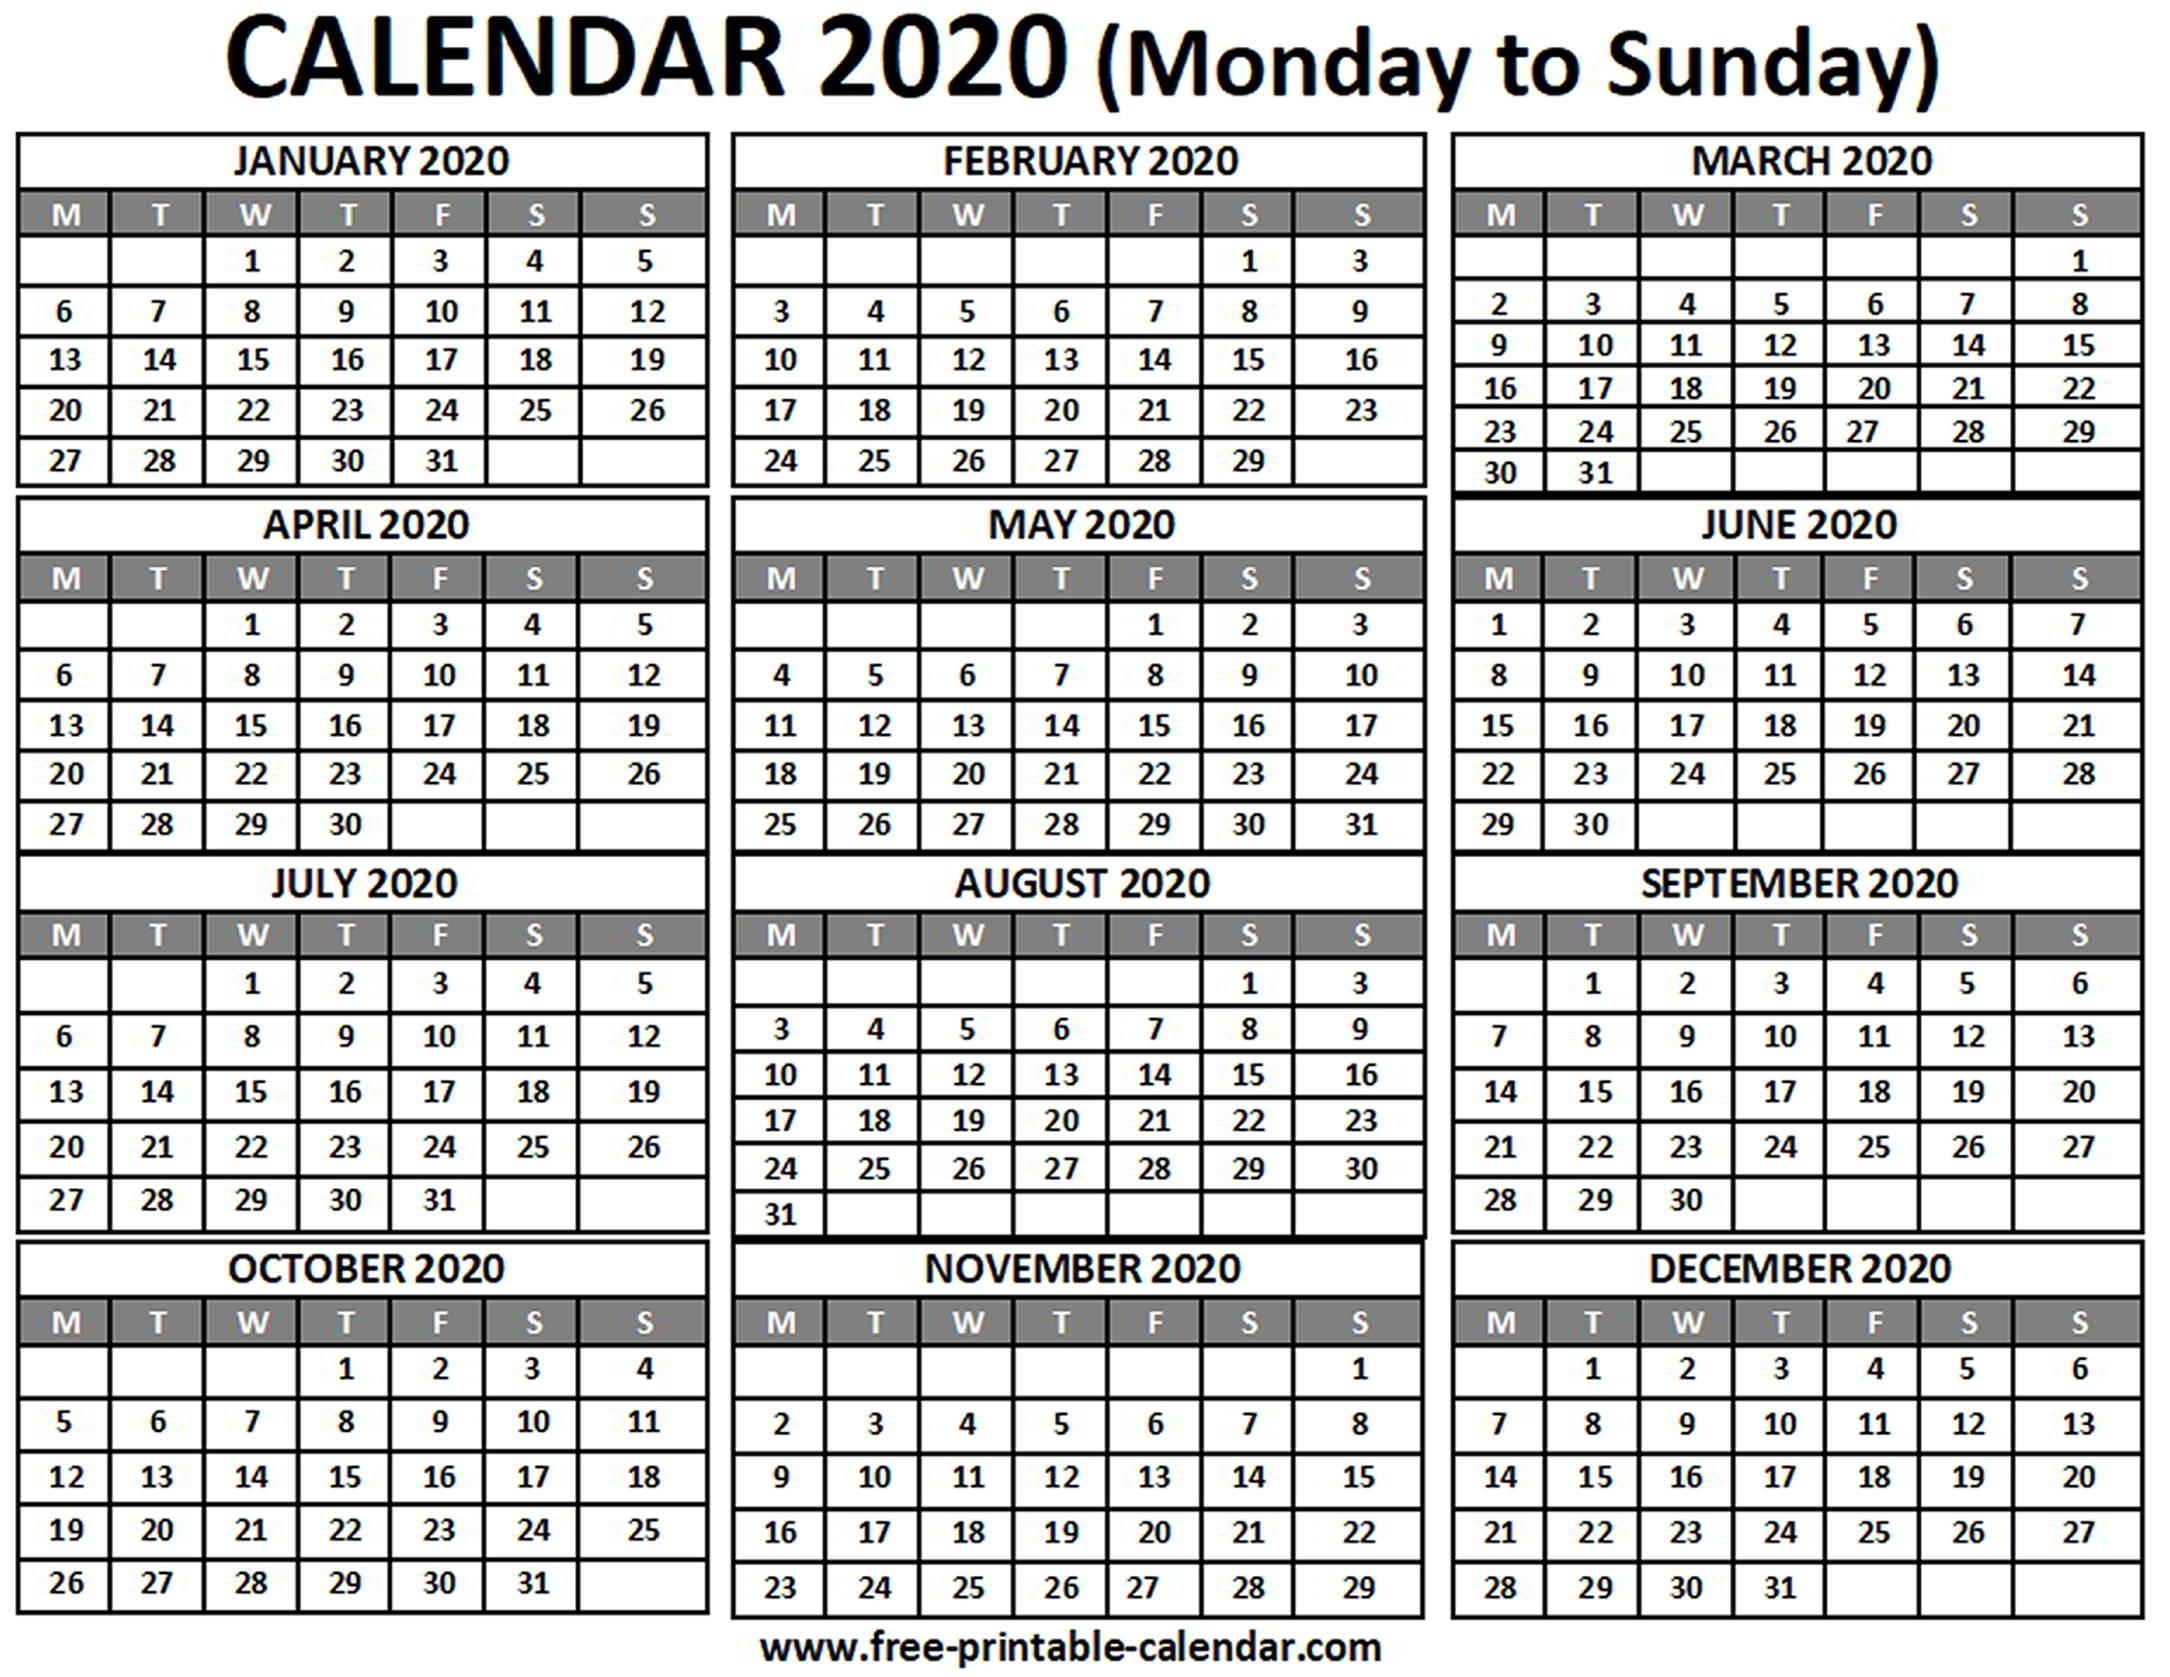 2020 Calendar - Free-Printable-Calendar throughout Printable Monday To Sunday 2020 Calendar